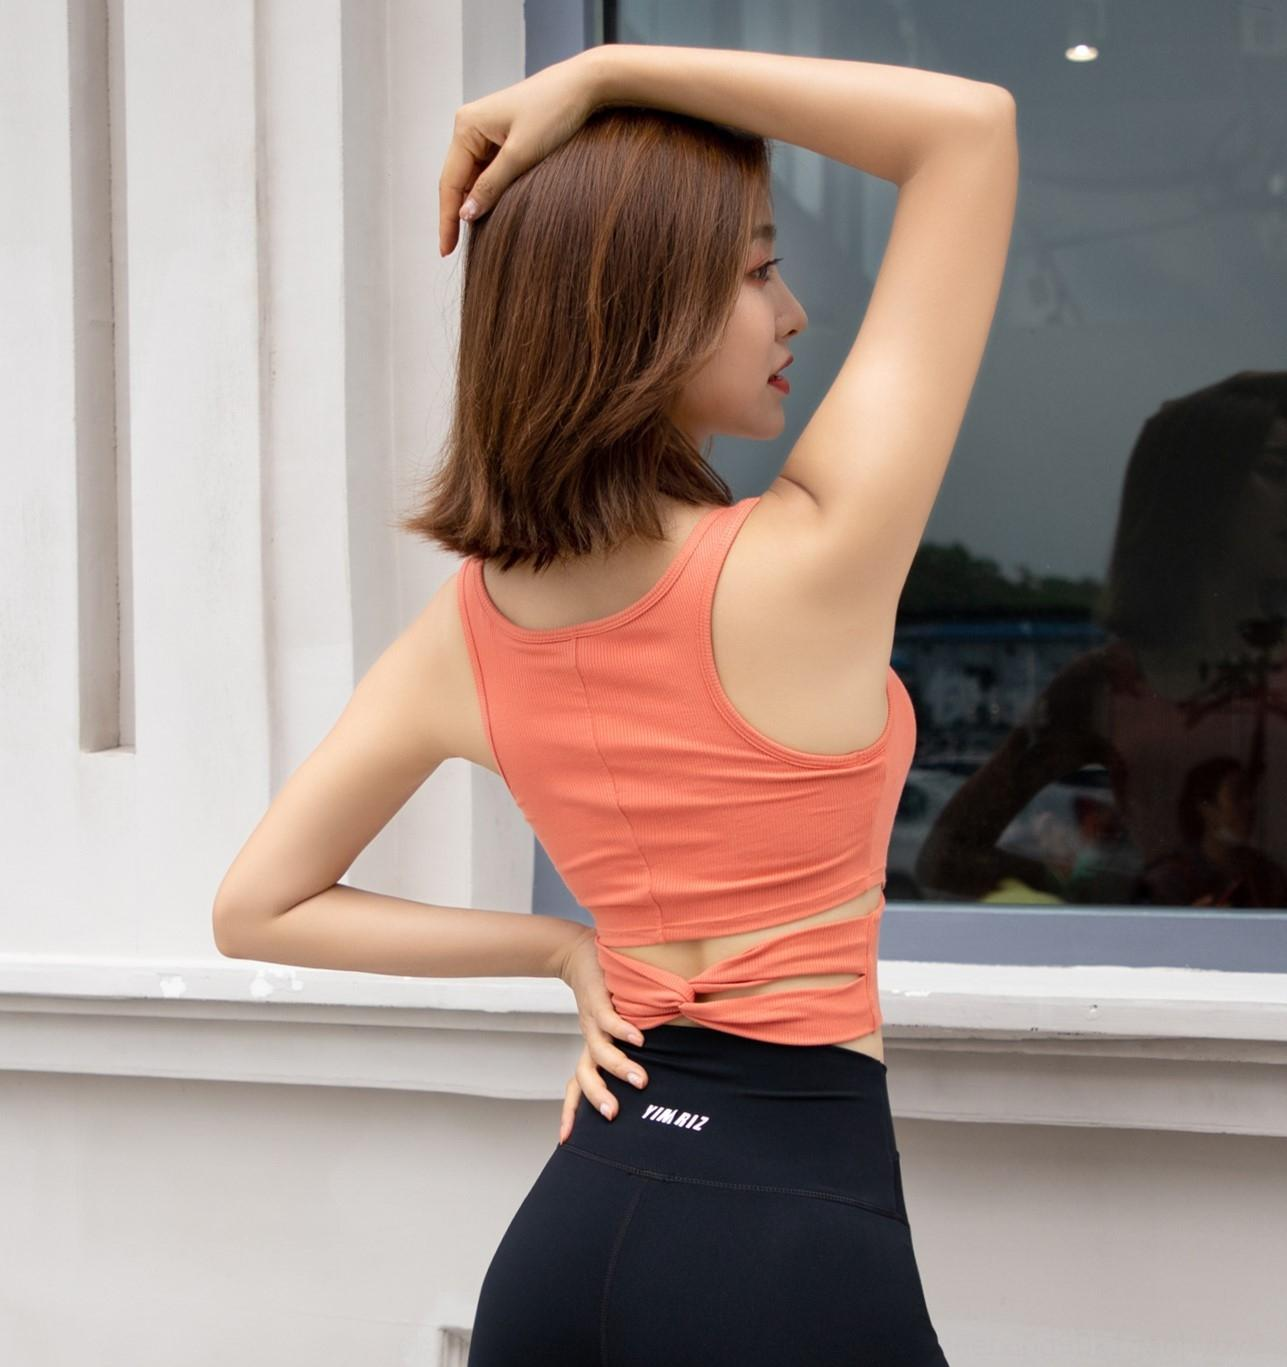 2020 verão novos esportes à prova de choque que executam yoga Underwear Bra encontro-embelezar volta colete xVGLv aptidão bra roupas íntimas femininas